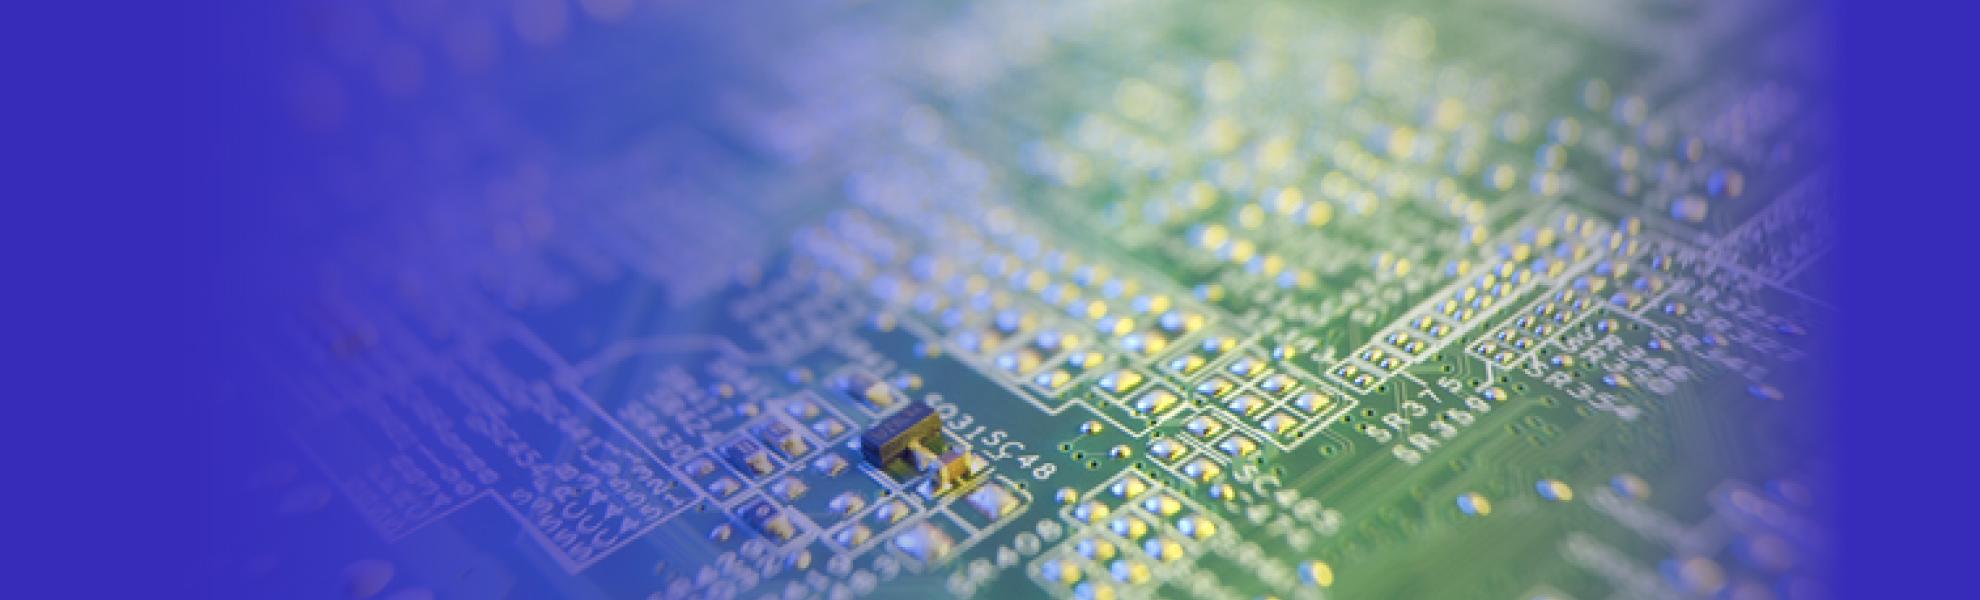 """成形技術を軸に<br class=""""uk-visible@s""""/>テクノロジーの未来を支えます"""